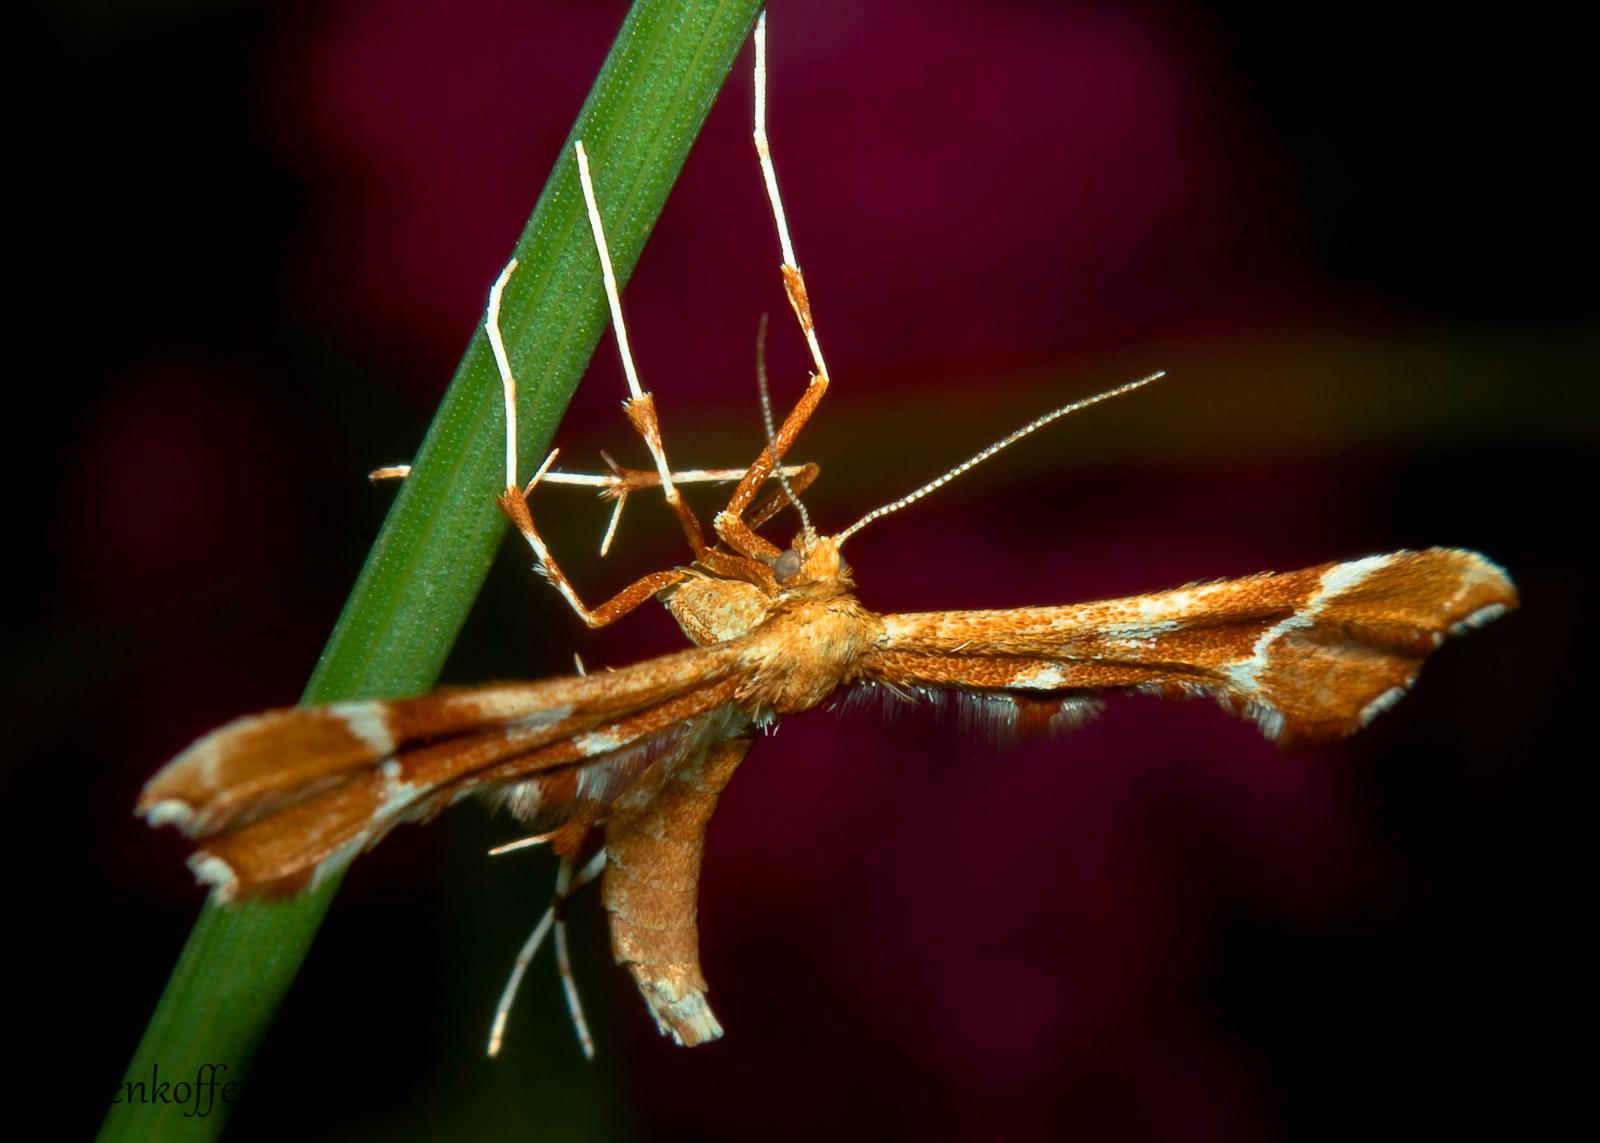 rózsabogyó-tollasmoly (Cnaemidophorus rhododactyla) IGP8498.G